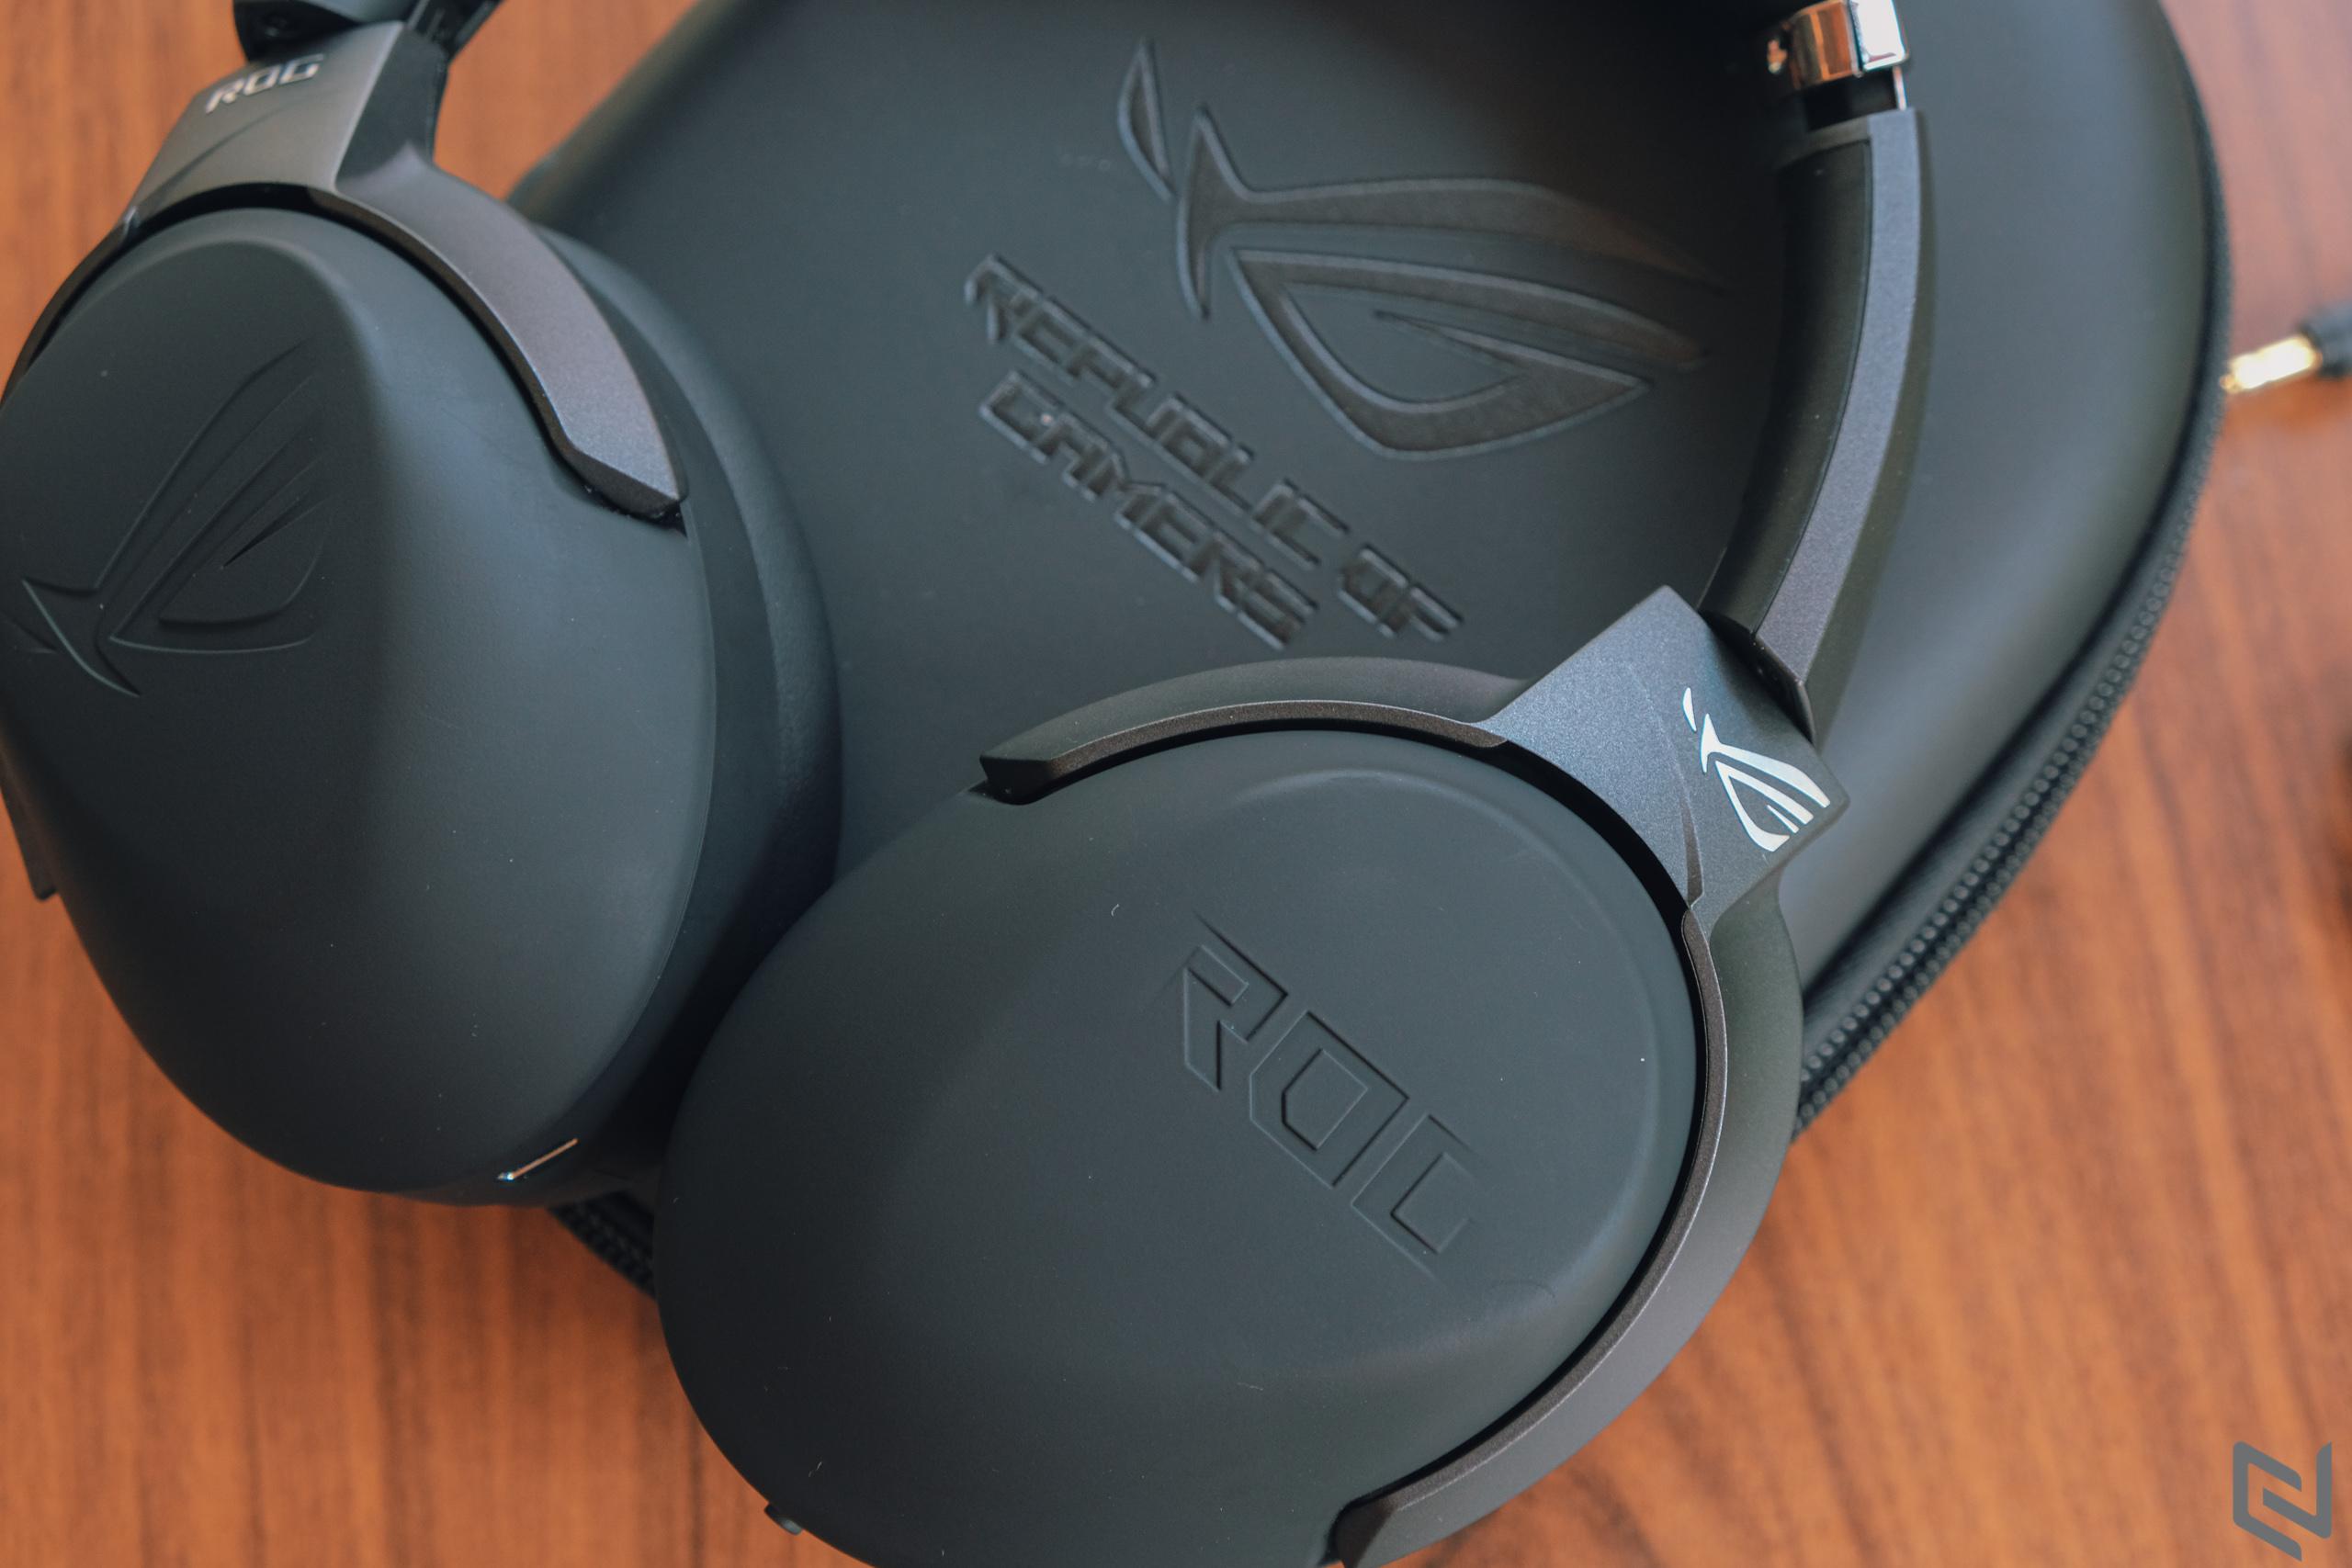 Trên tay tai nghe chơi game không dây ASUS ROG Strix Go 2.4